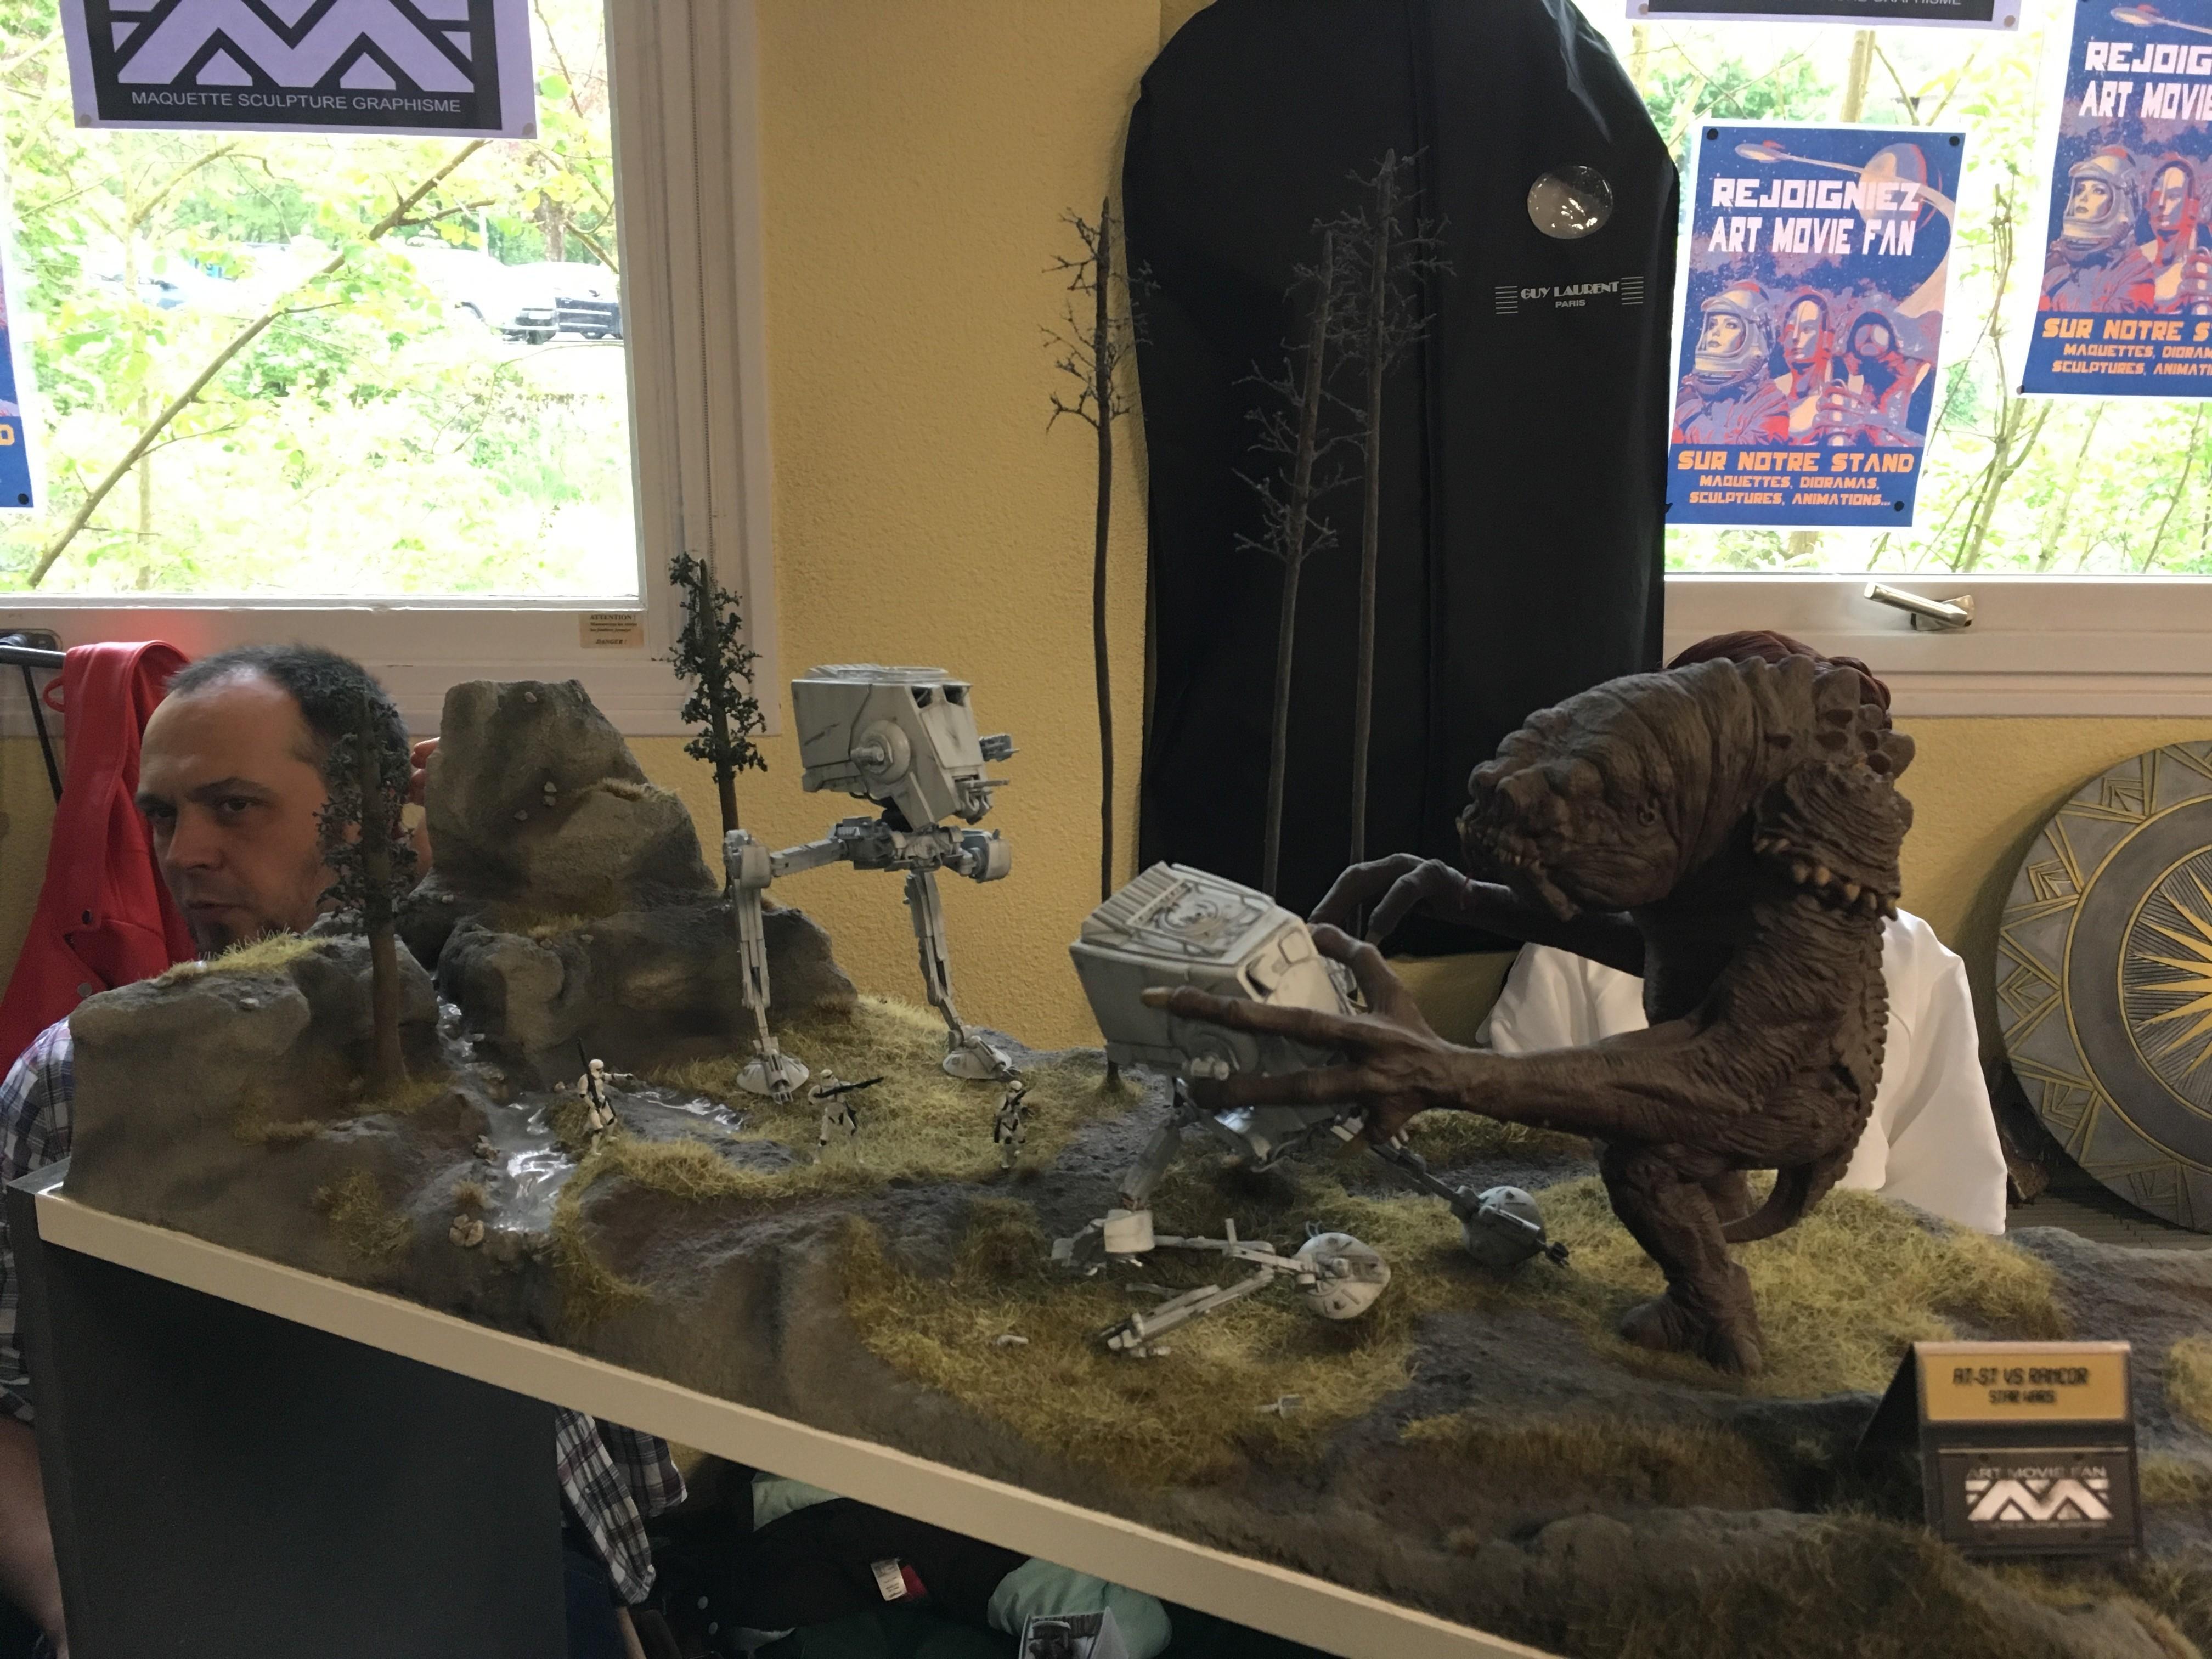 Générations Star Wars et SF 20ème édition - Cusset - 28 et 29 avril 2018 9xXCM9